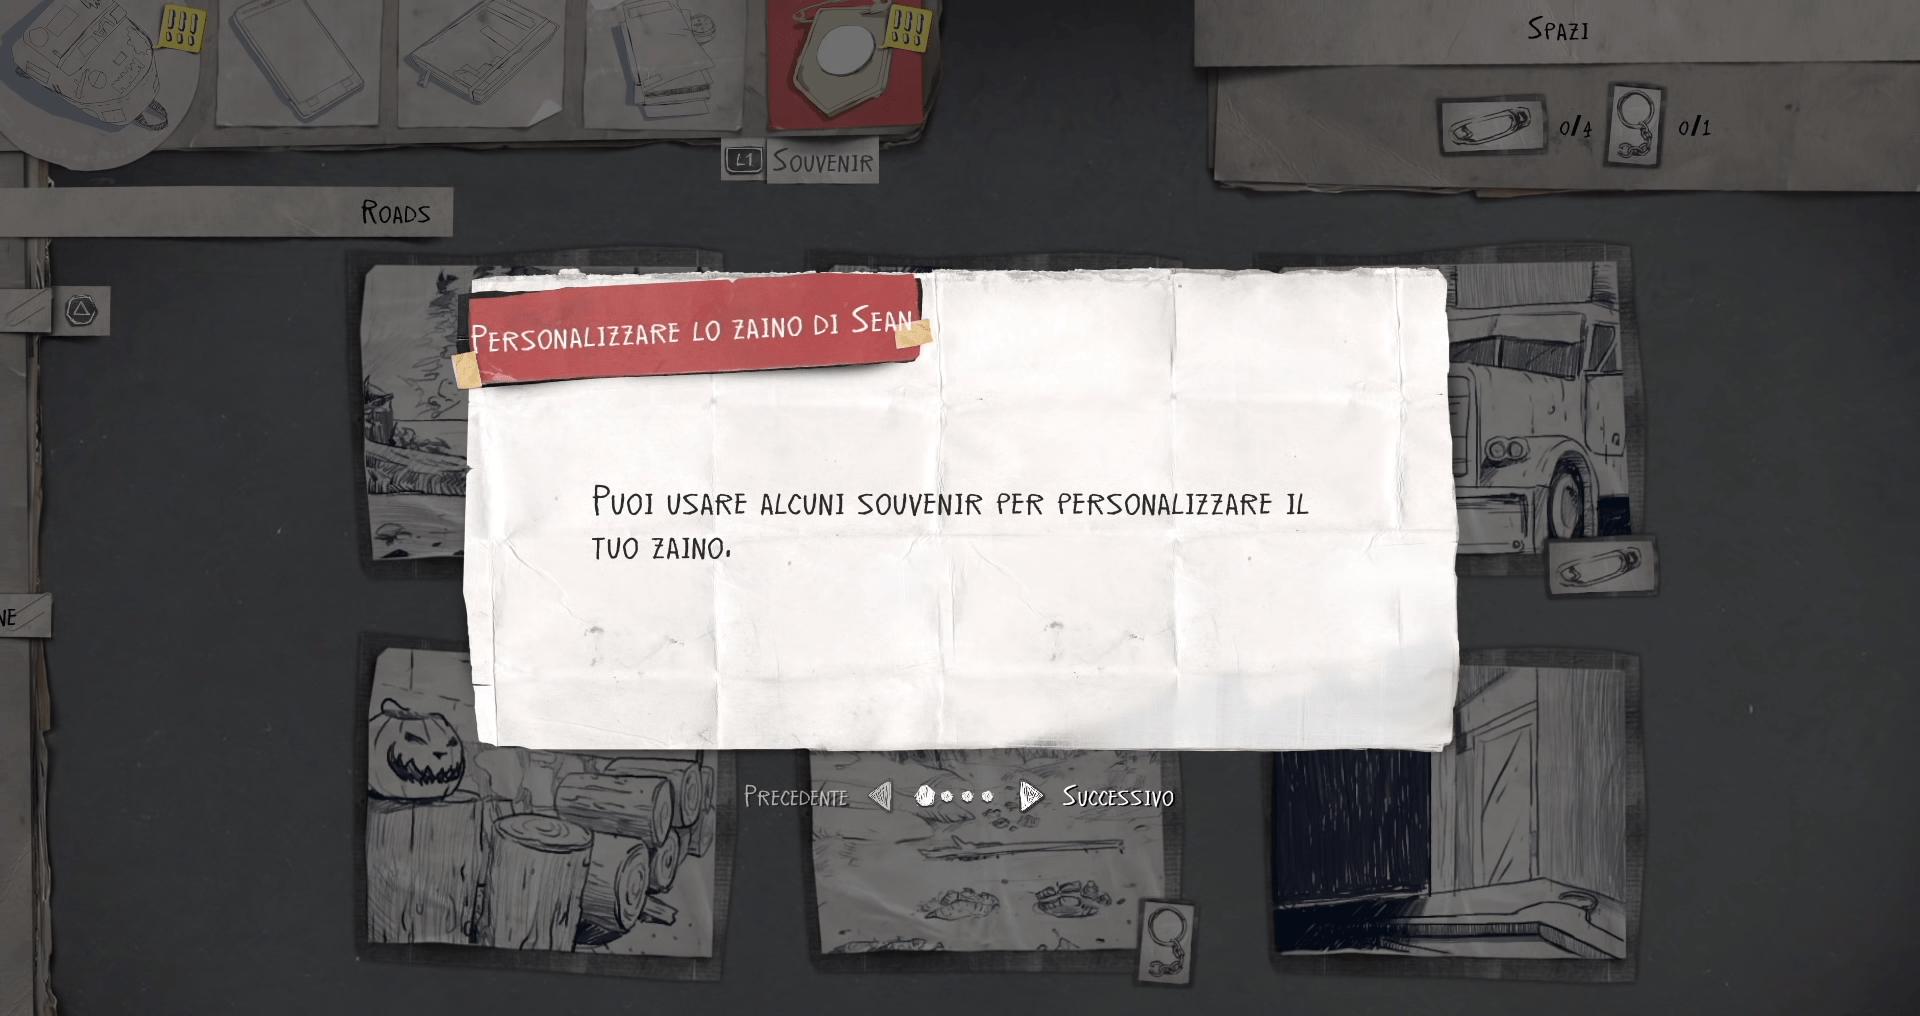 Life Is Strange 2: Roads - Recensione 6 - Hynerd.it